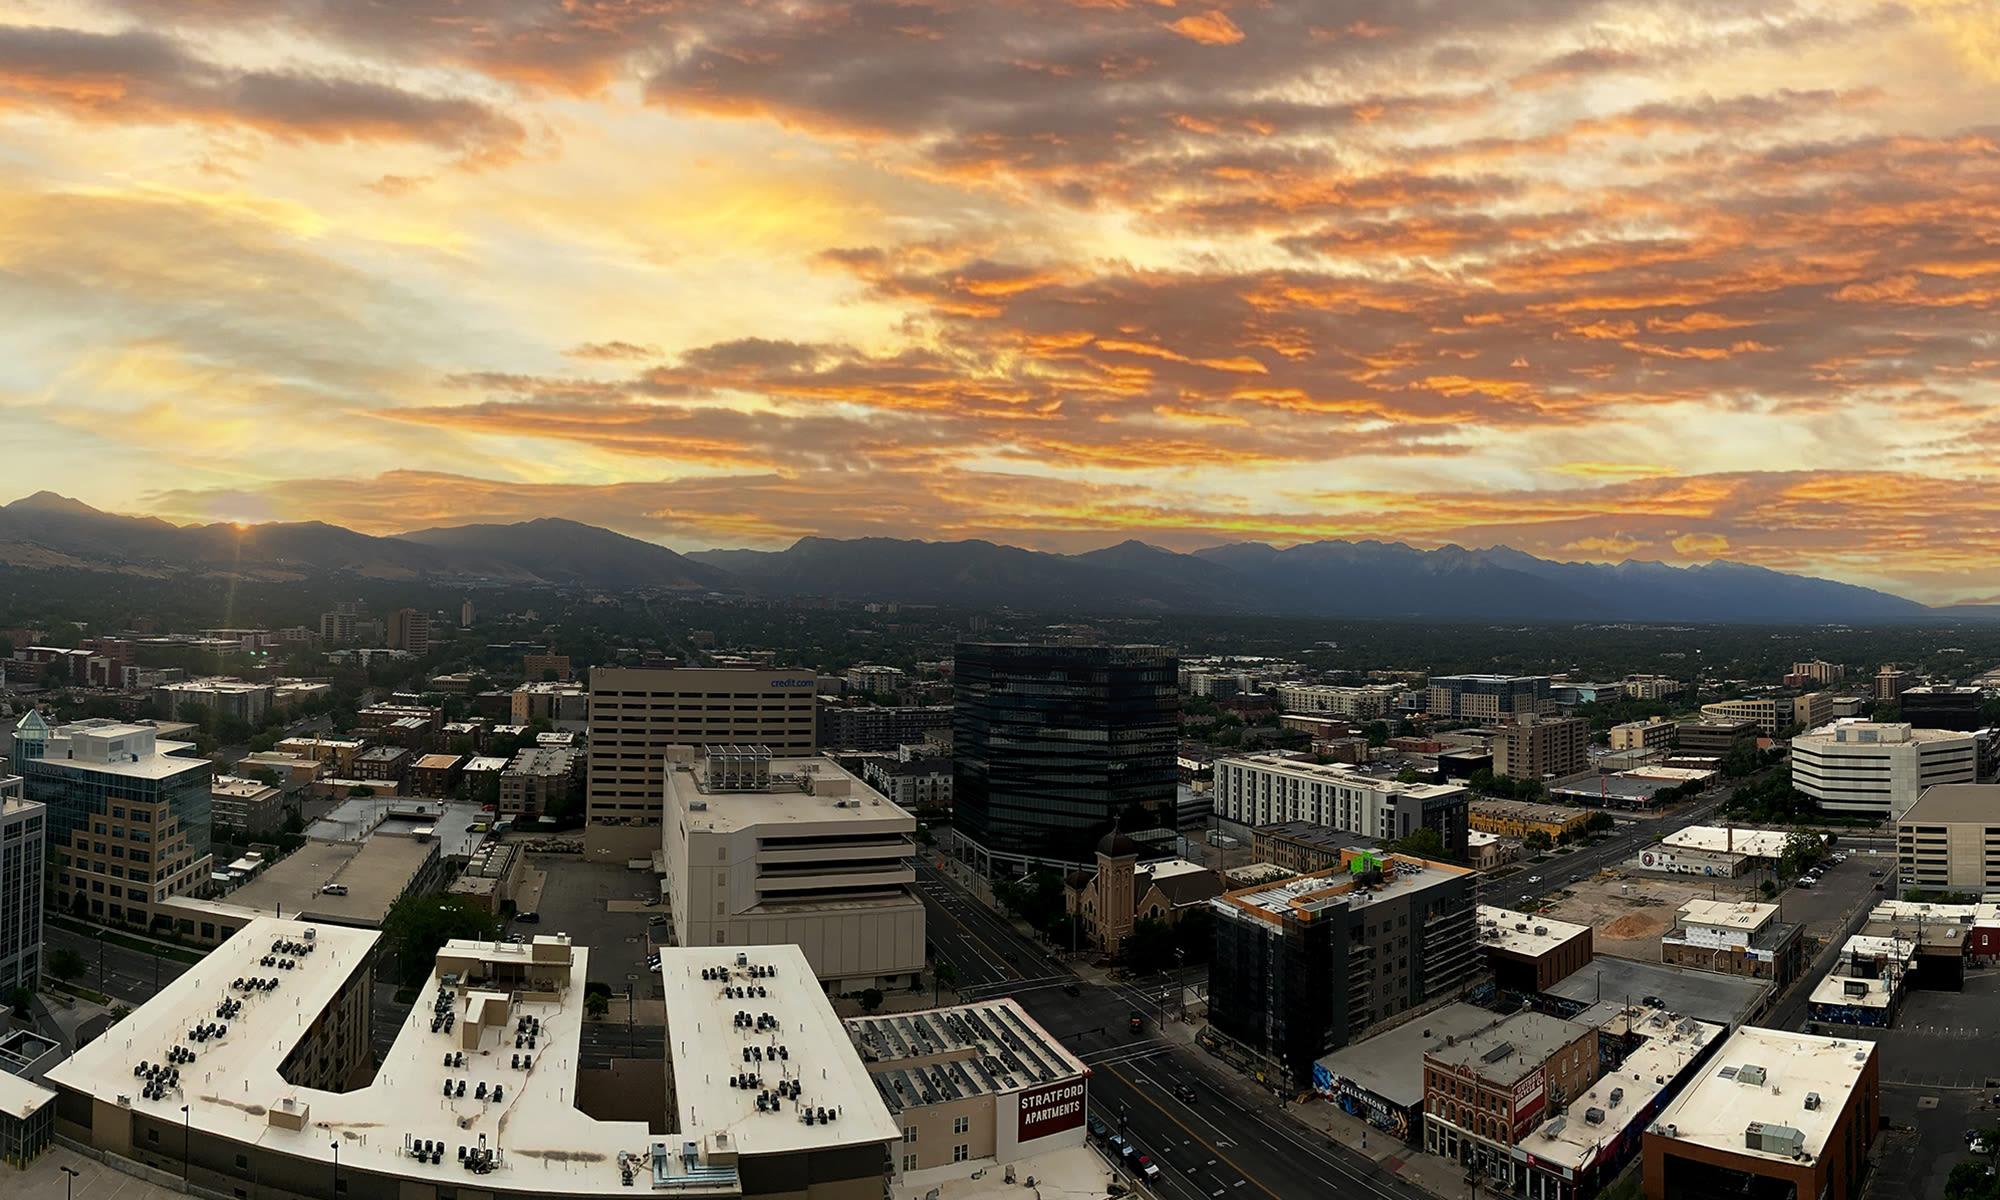 Sunrise at Liberty SKY in Salt Lake City, Utah